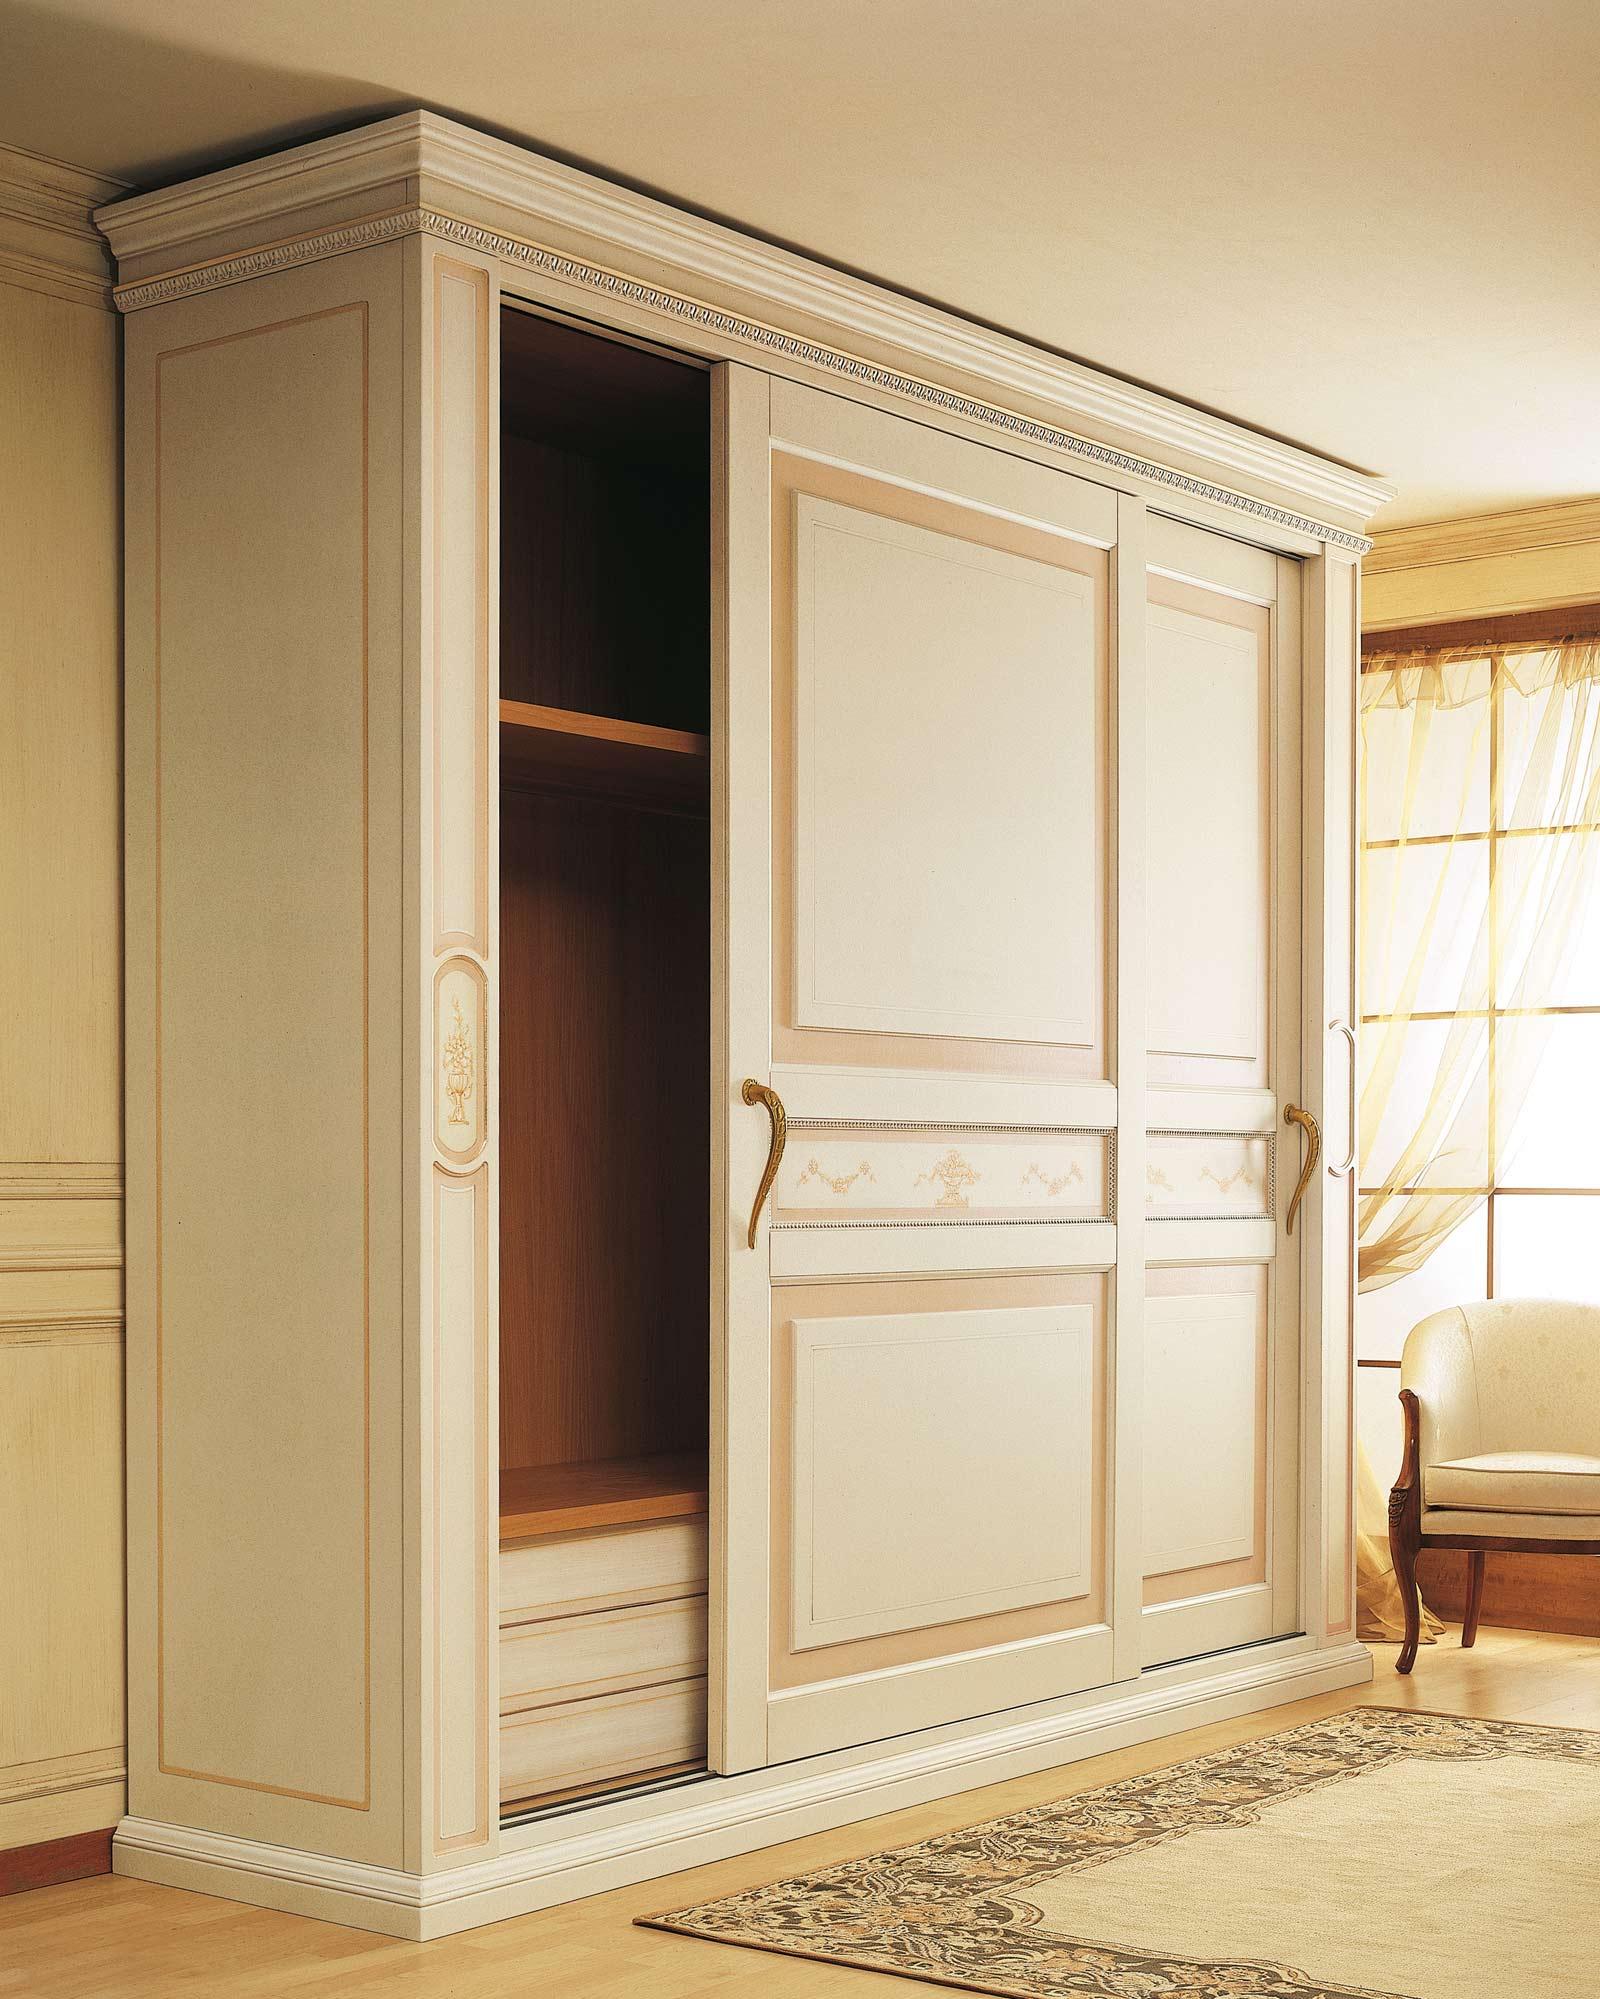 Wardrobe Canova With Sliding Doors Vimercati Classic